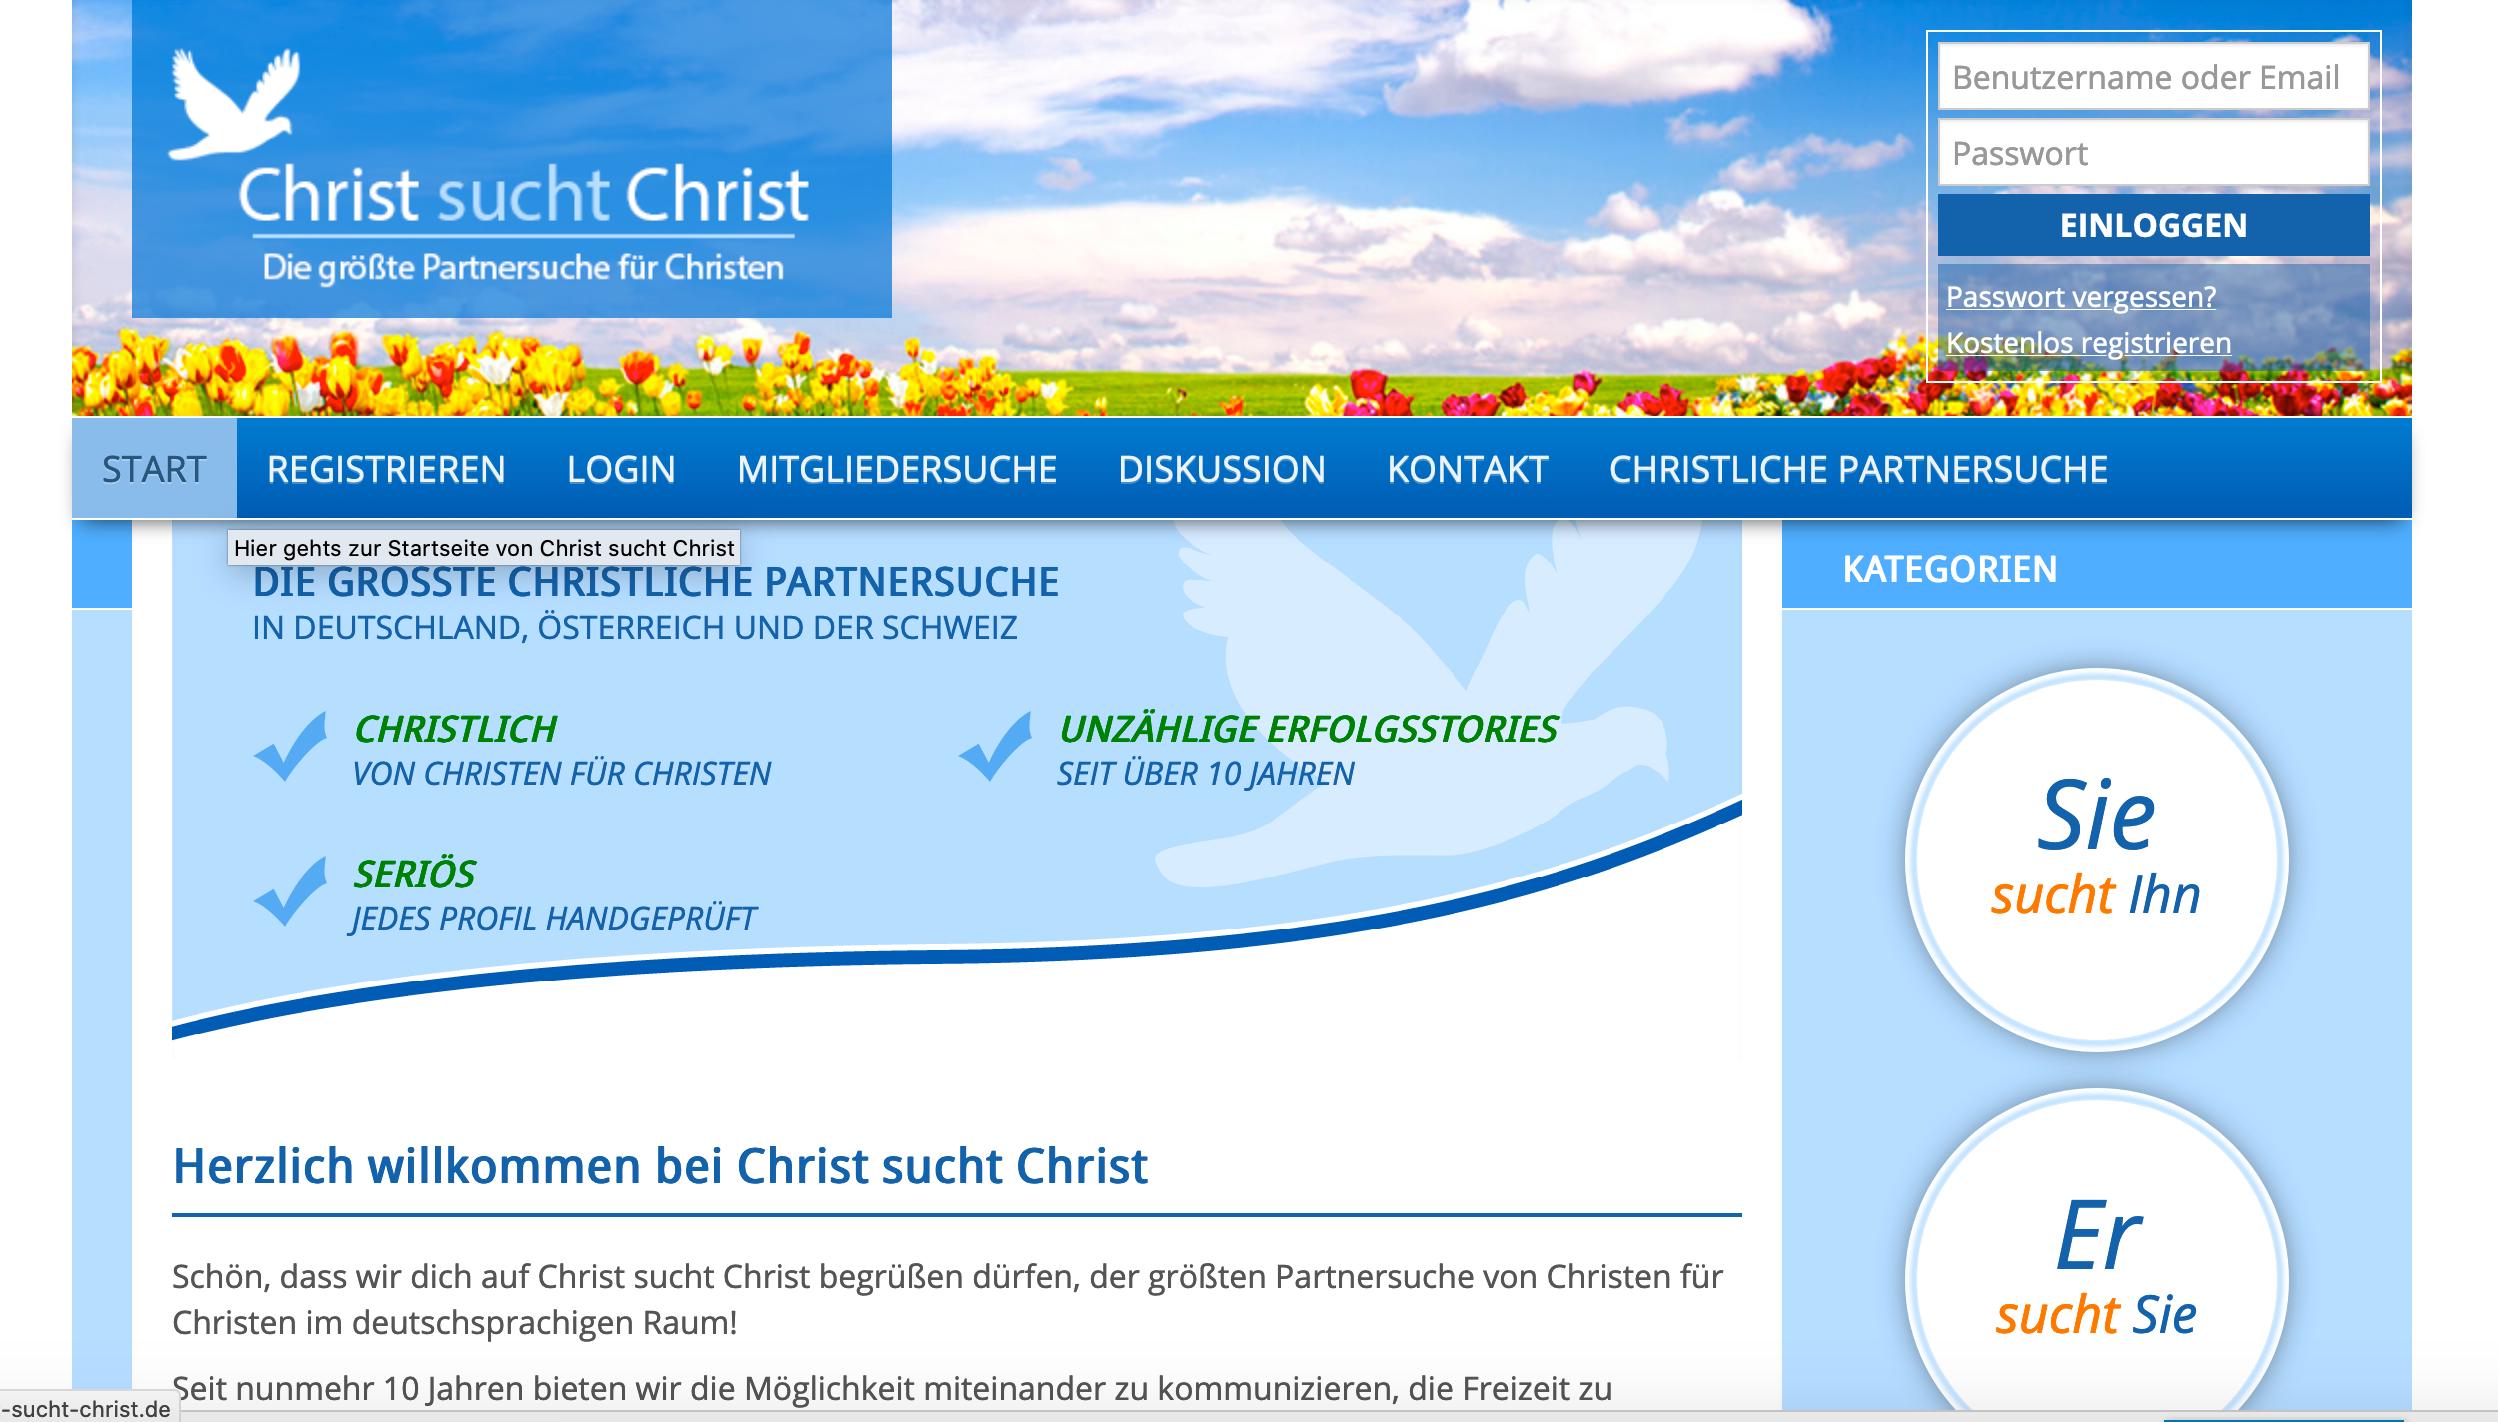 christliche partnersuche profil löschen